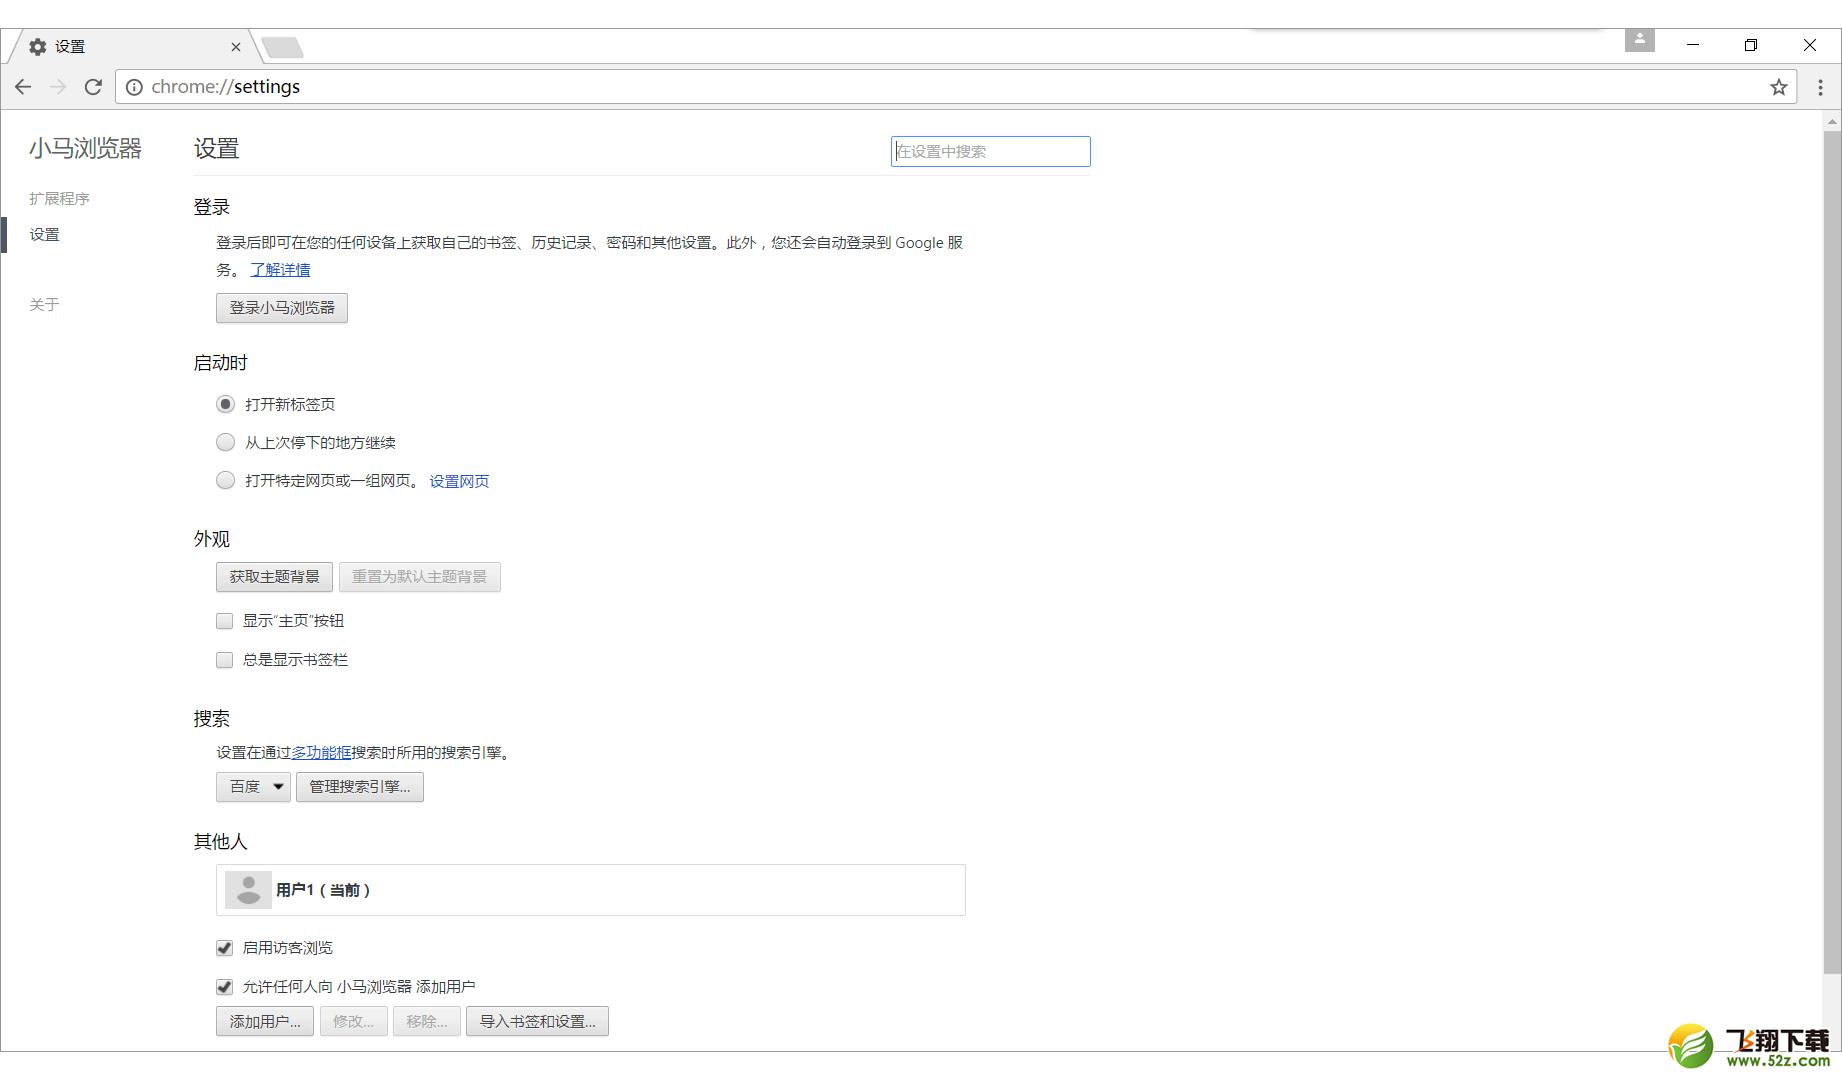 小马浏览器最新电脑版V55.5.0.0 电脑版_52z.com